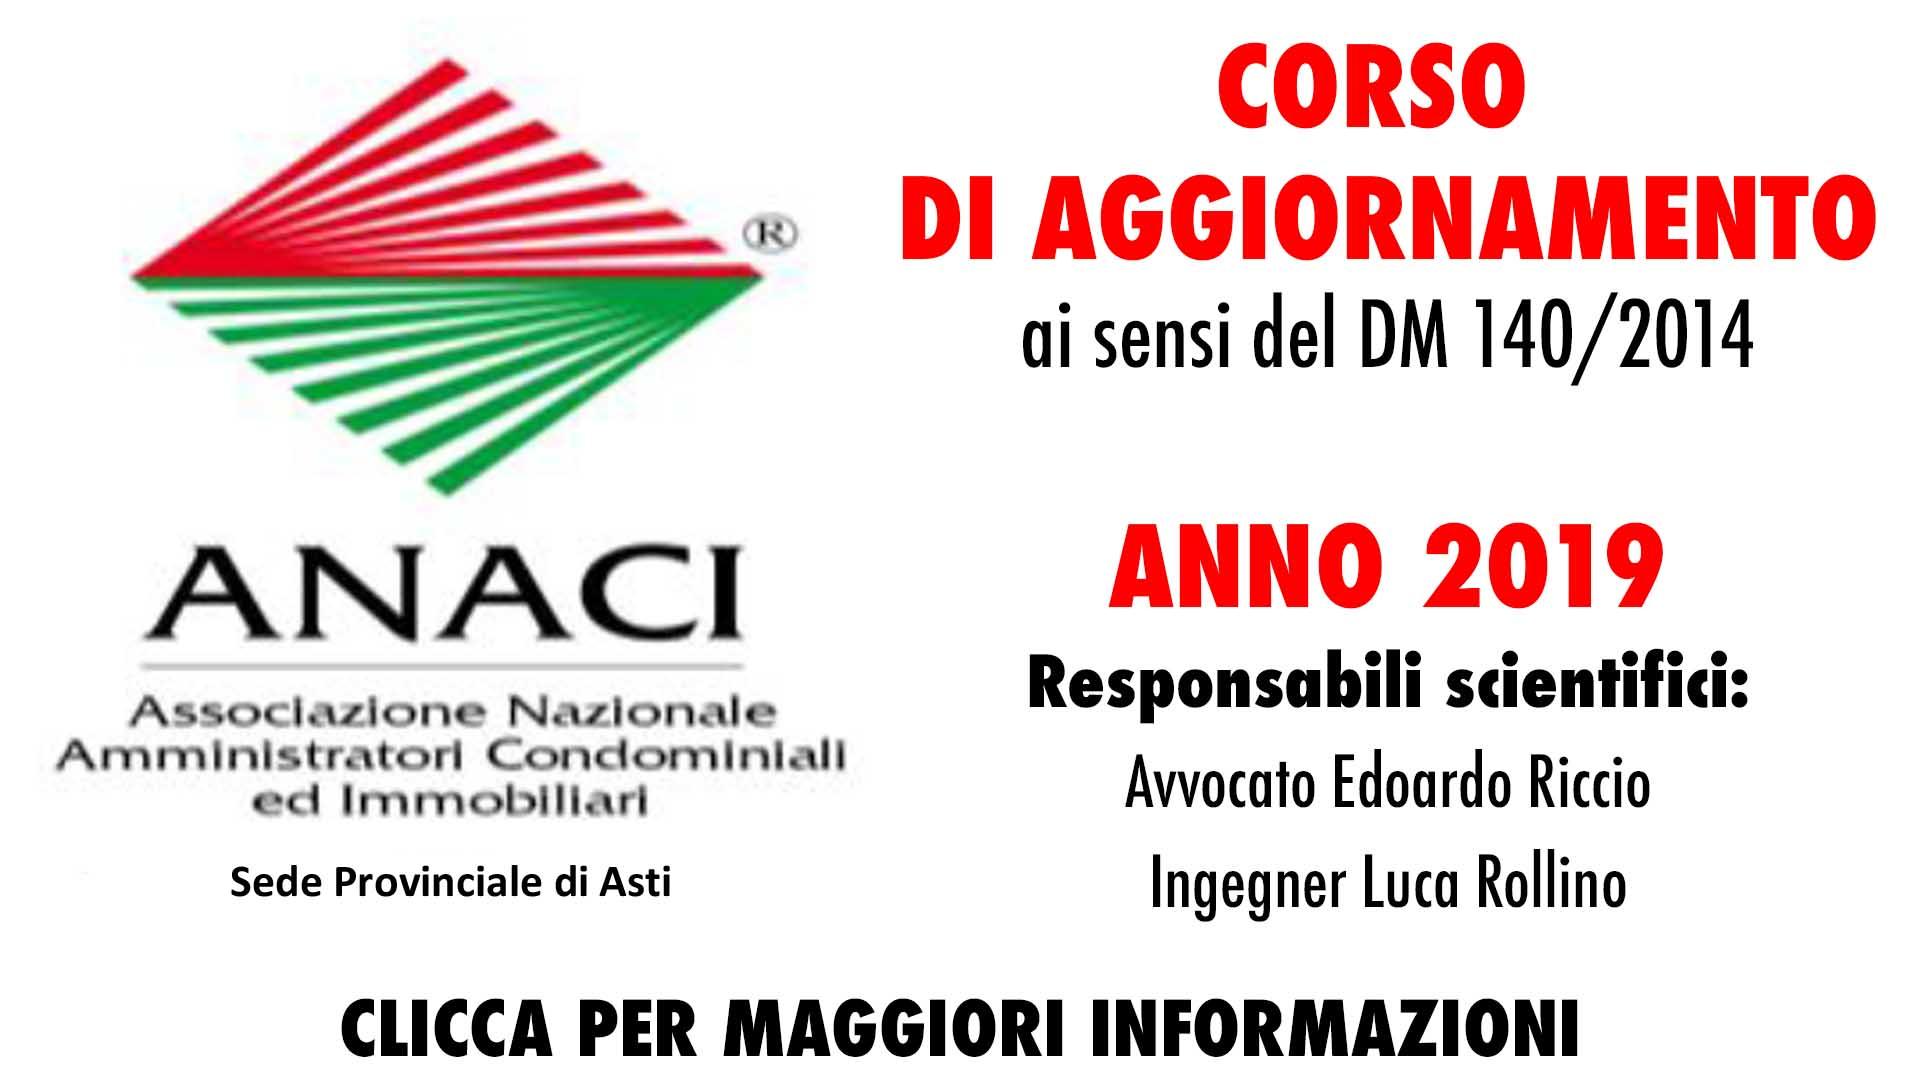 ANACI - corso di aggiornamento 2019 - clicca per maggiori dettaglio e modulo di adesione